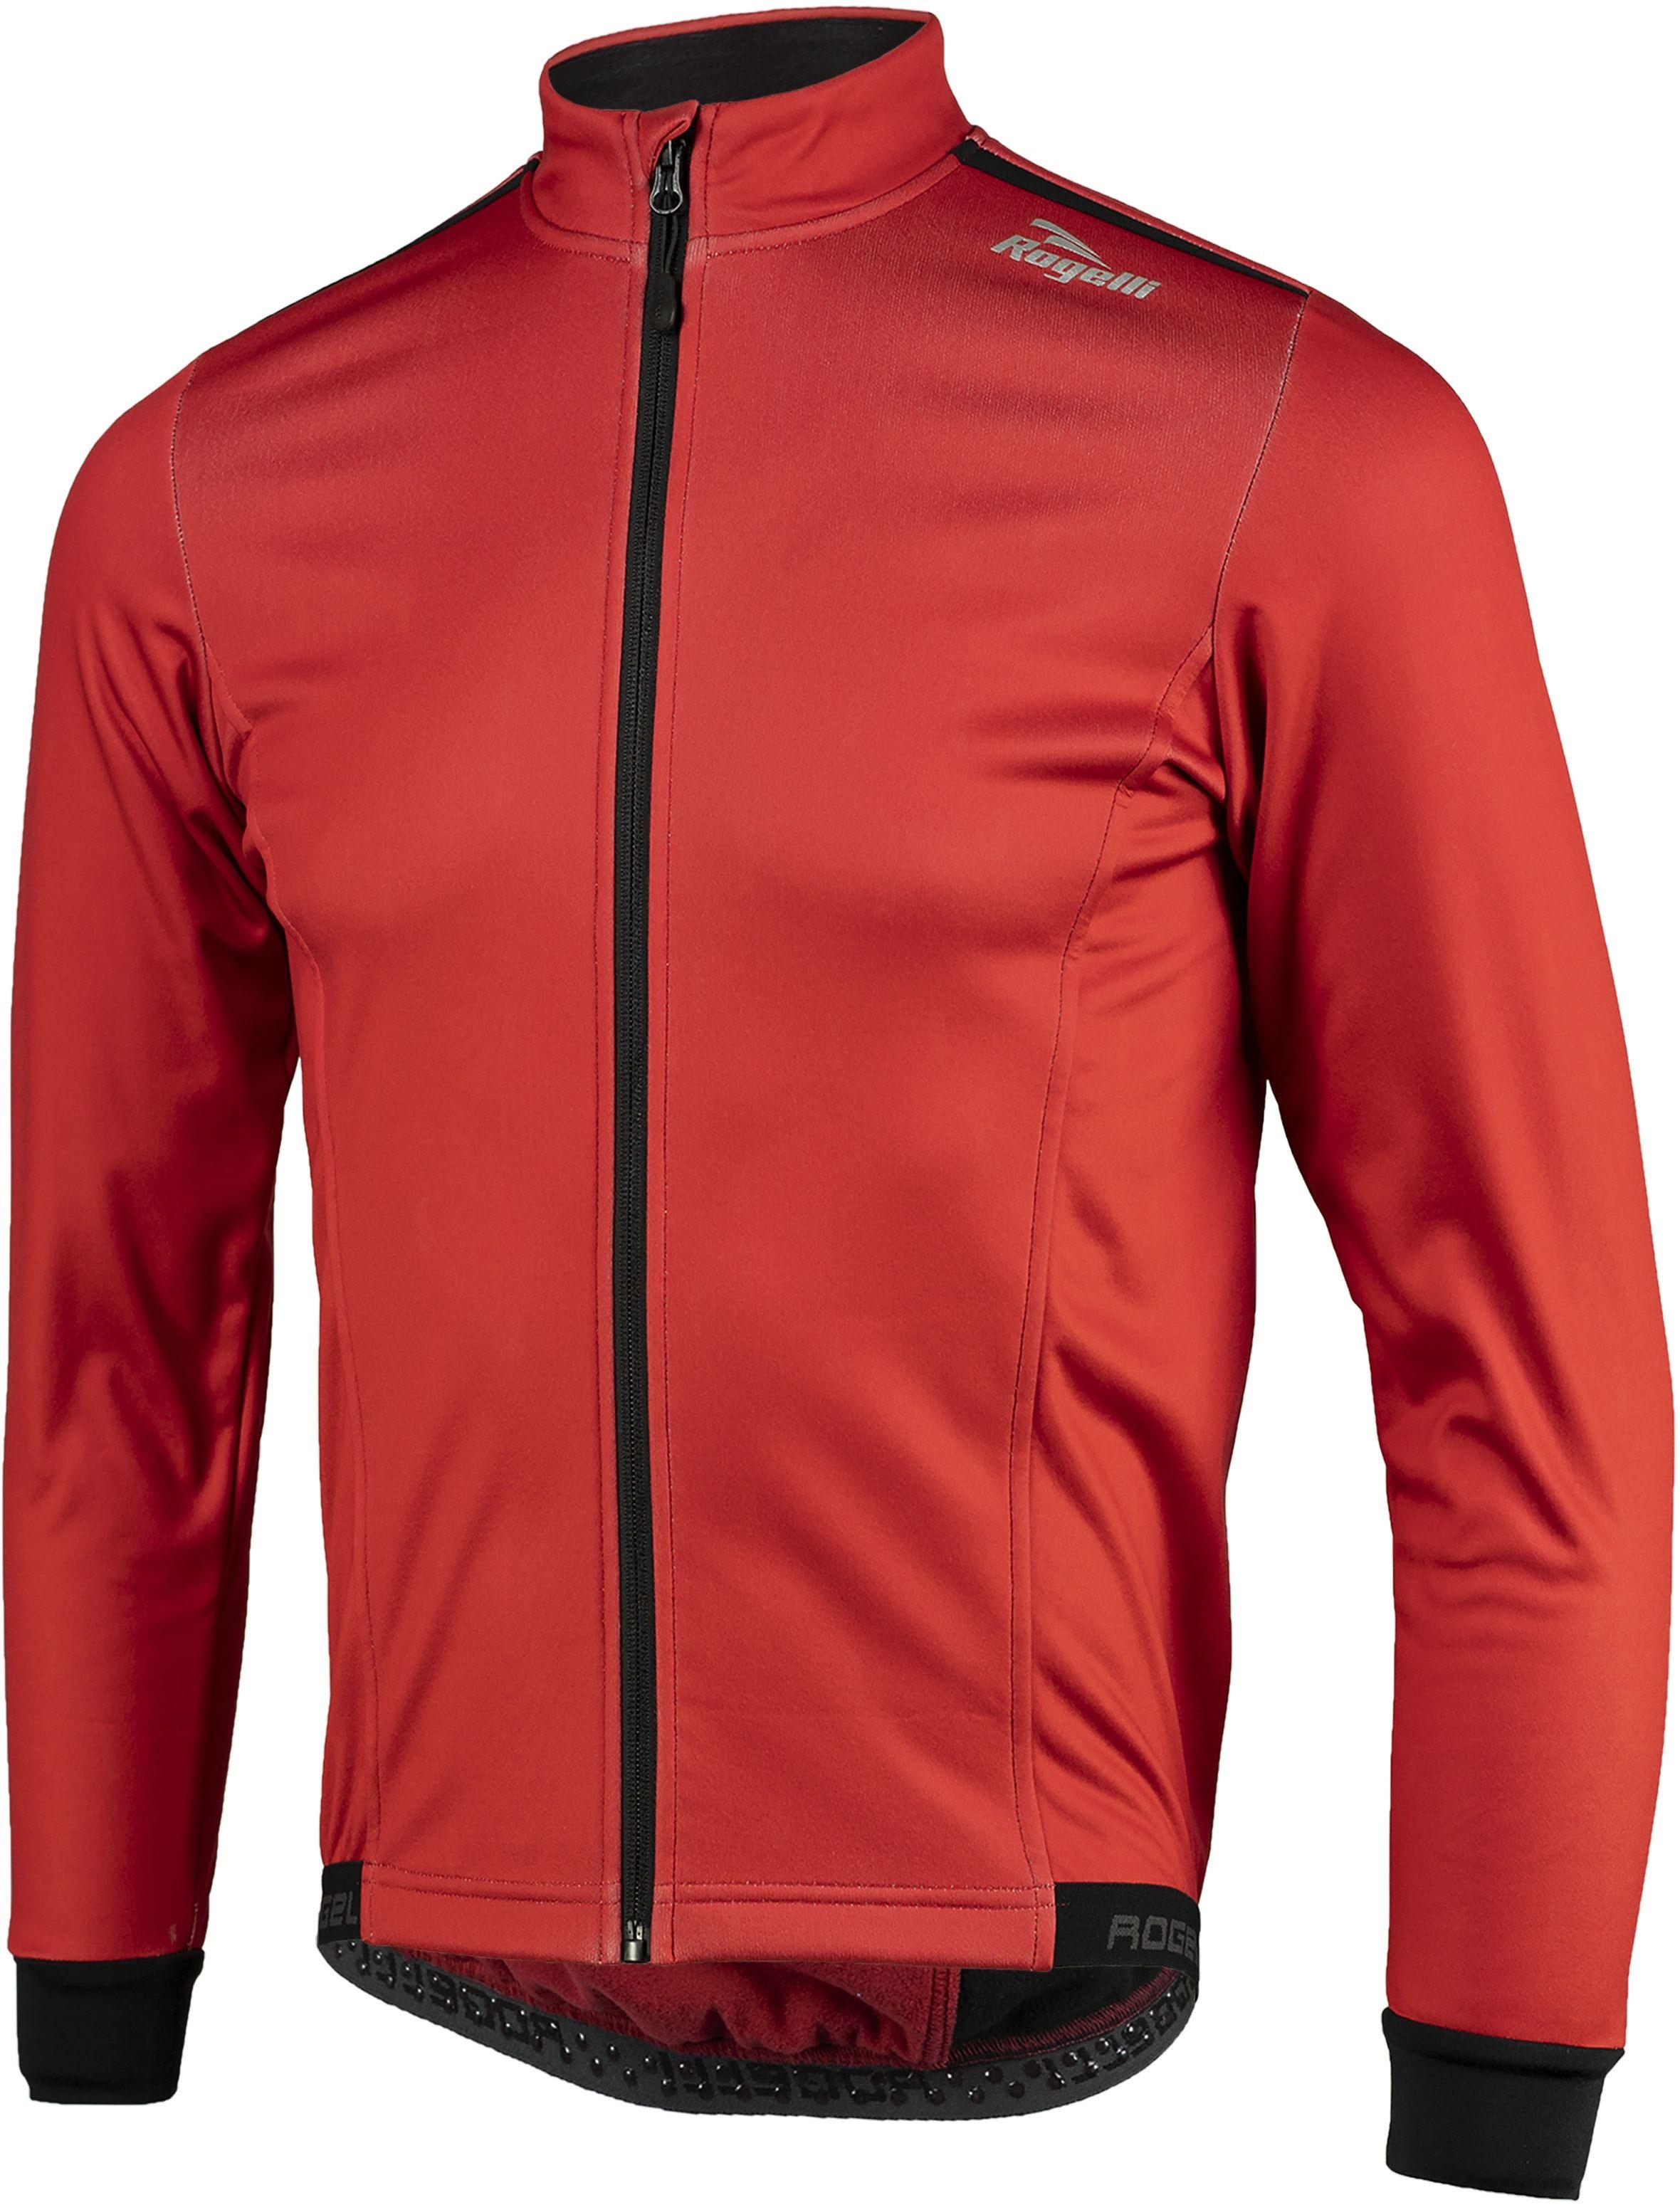 ROGELLI PESARO 2.0 zimowa kurtka rowerowa, czerwona Rozmiar: L,pes2-red